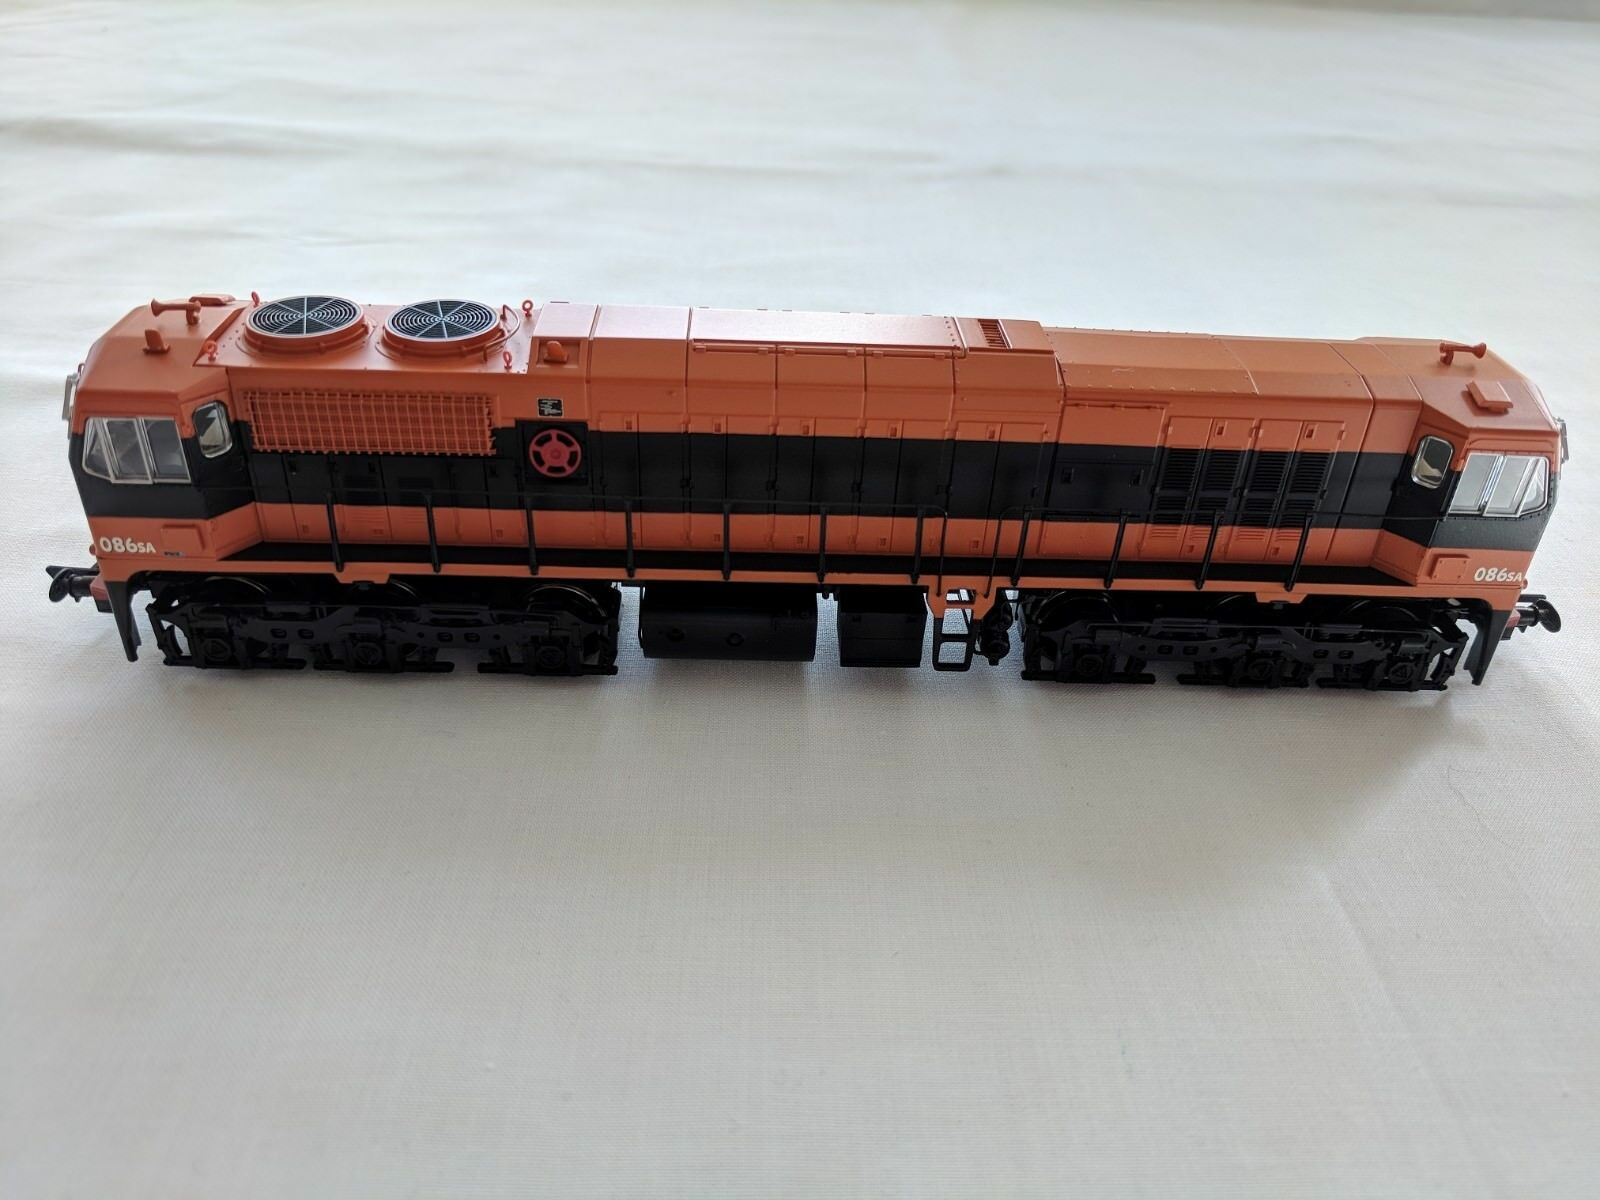 Murphy Models - MM0086 - Class 071 - CIE súpertrain - DCC Decoder fitted